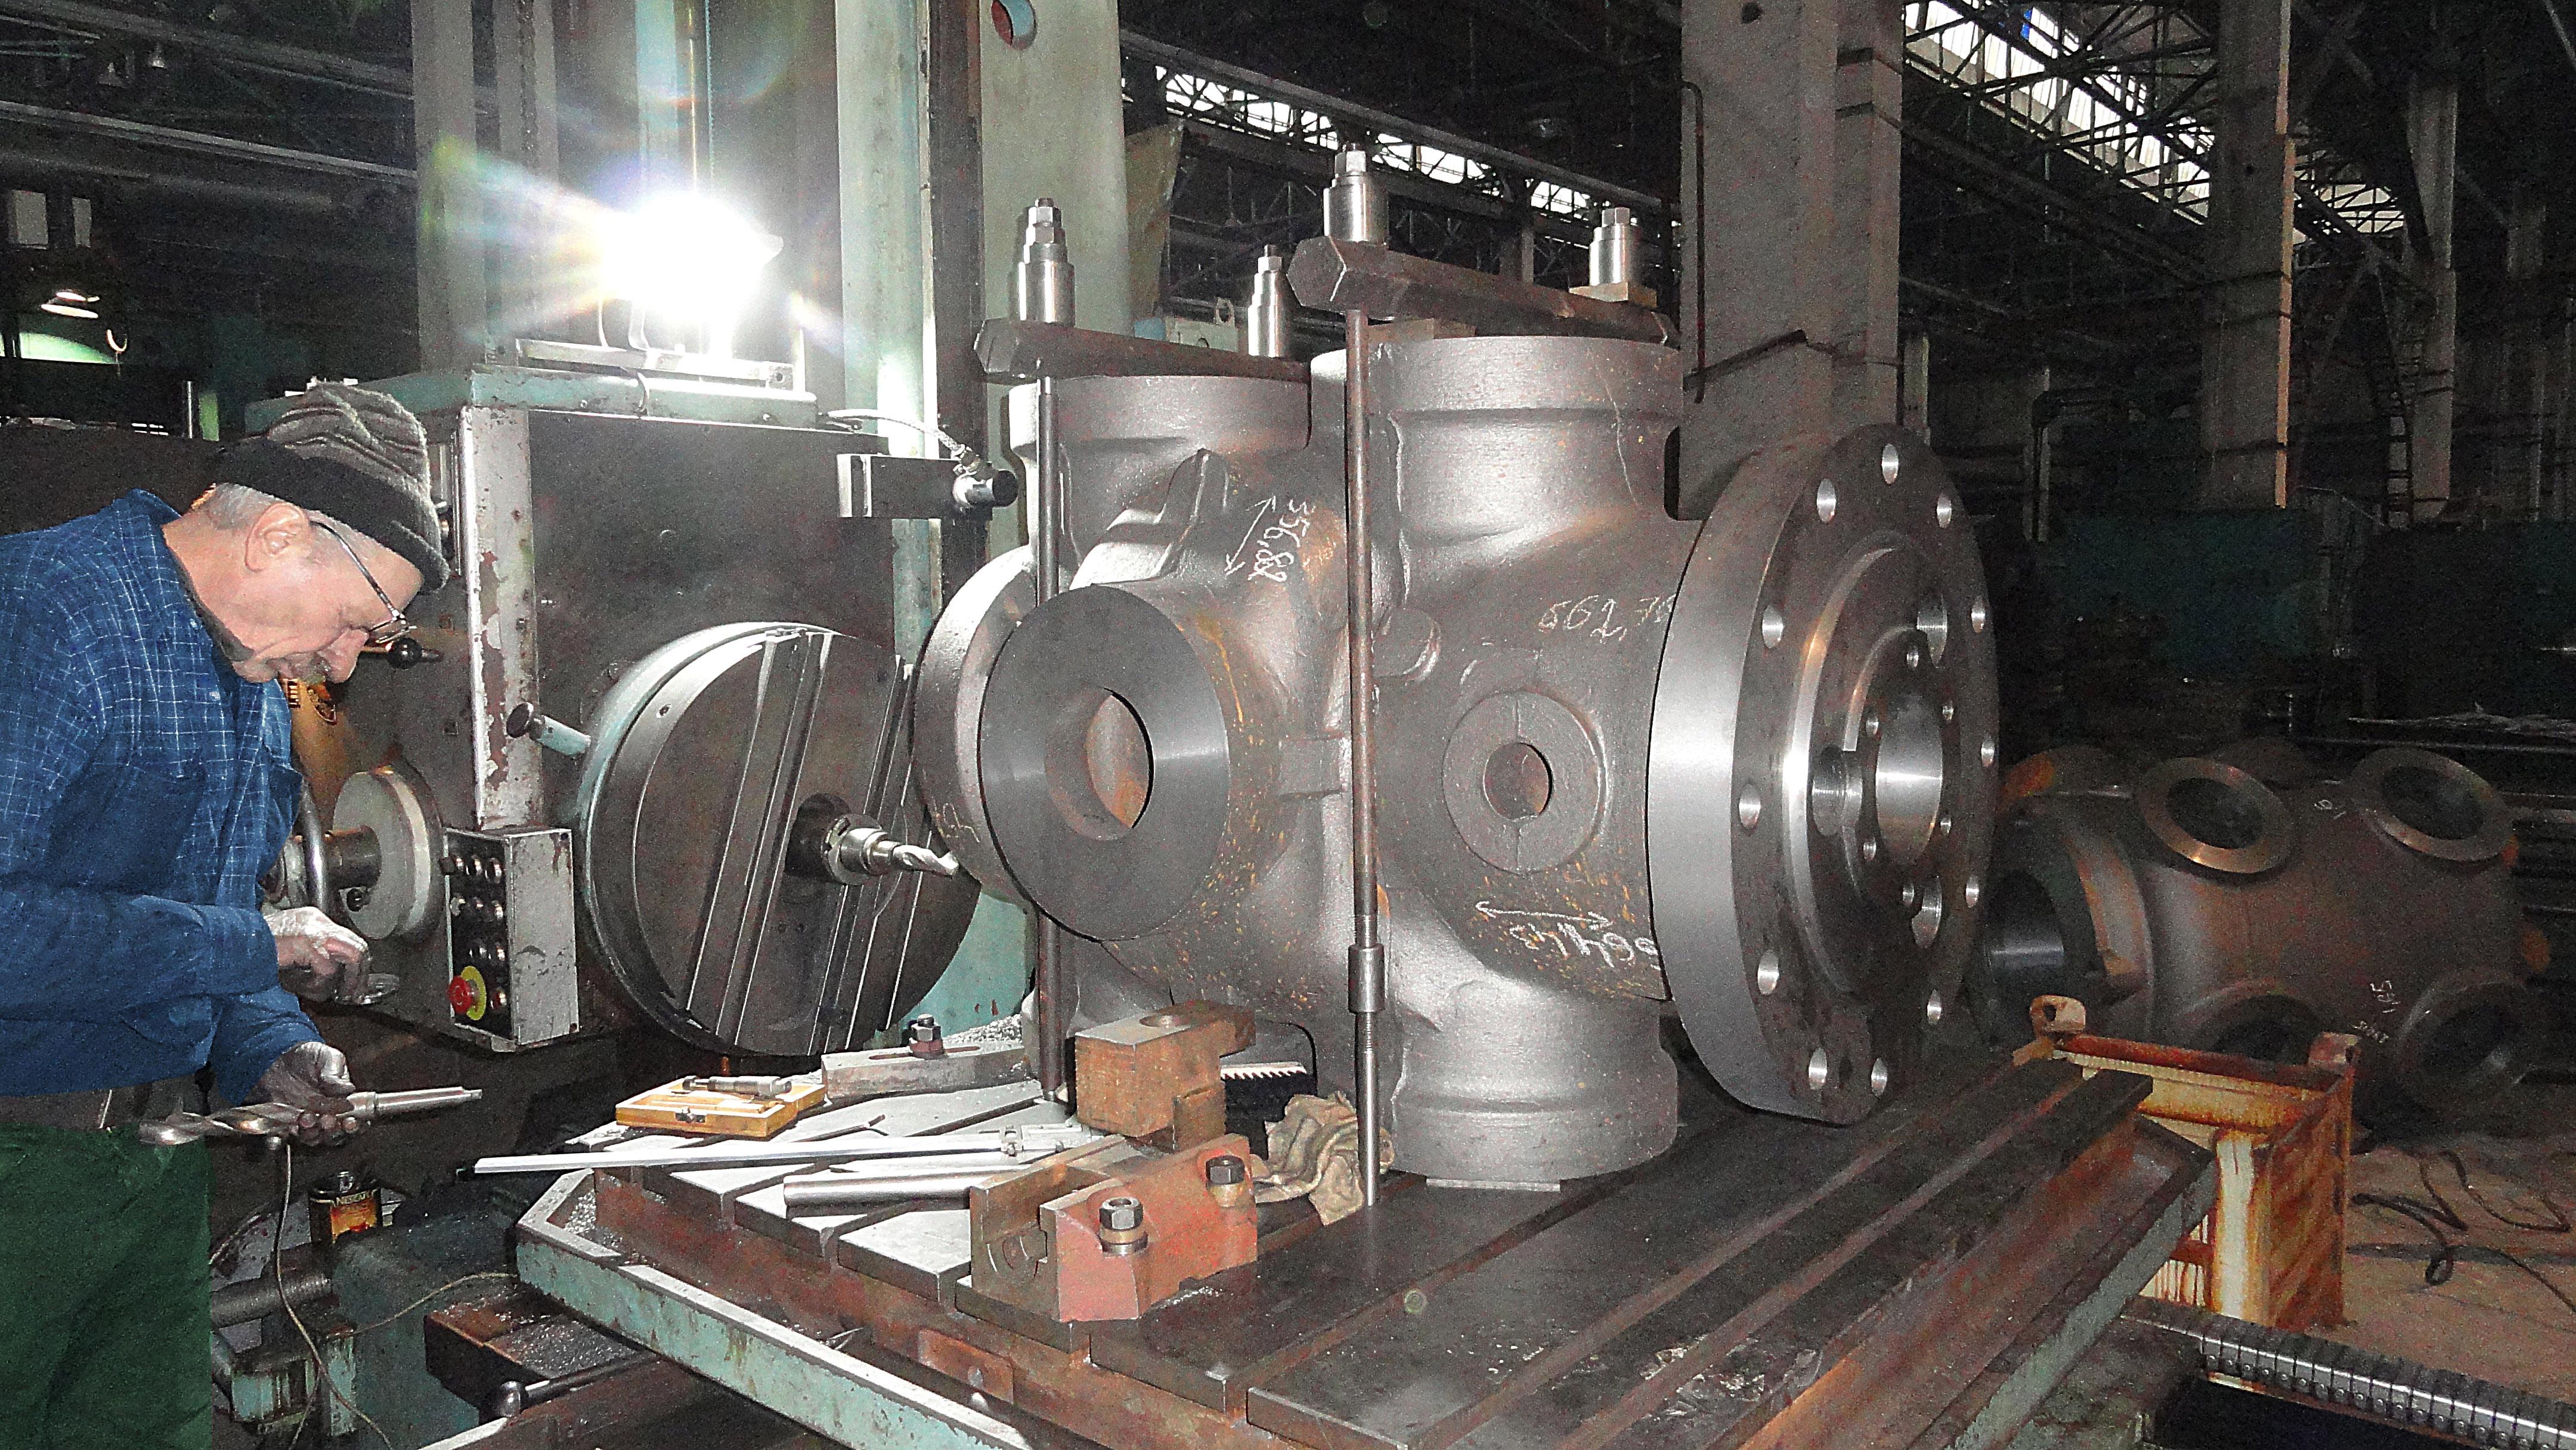 Процес виготовлення циліндра за маркою СЧ35 ГОСТ 1412-85